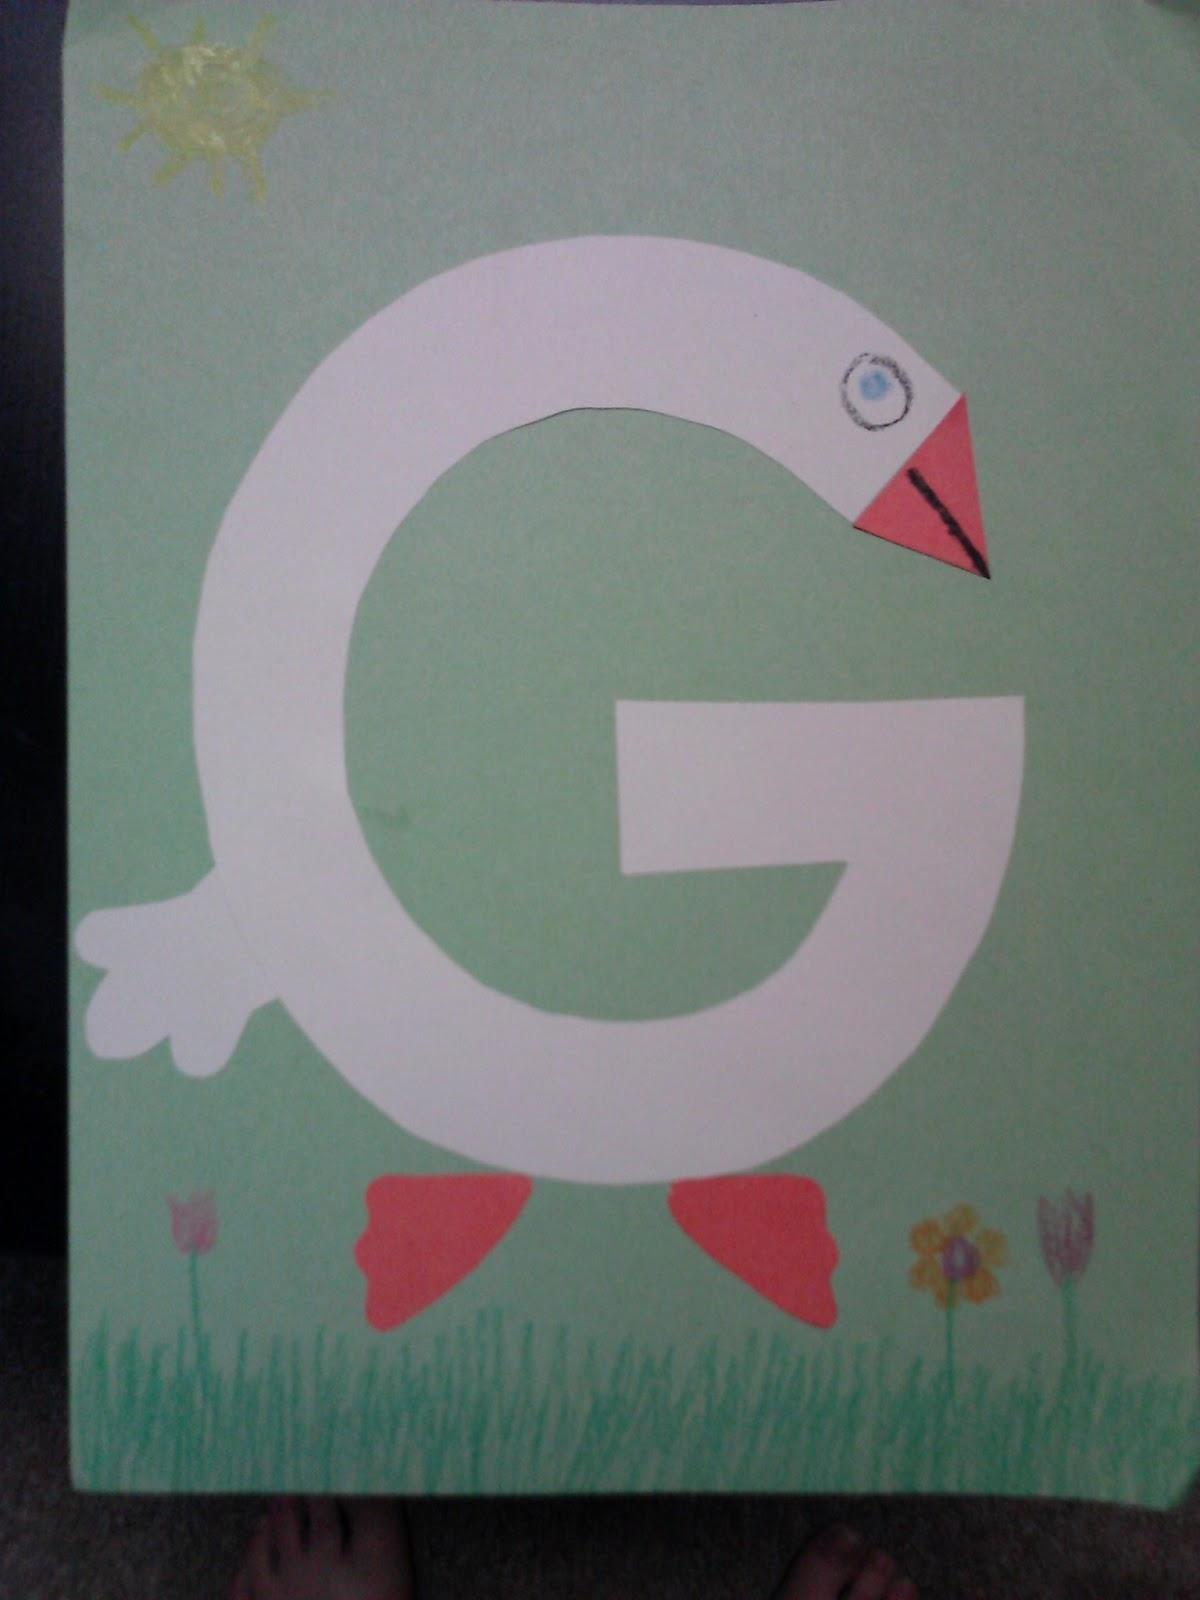 Letter G Crafts